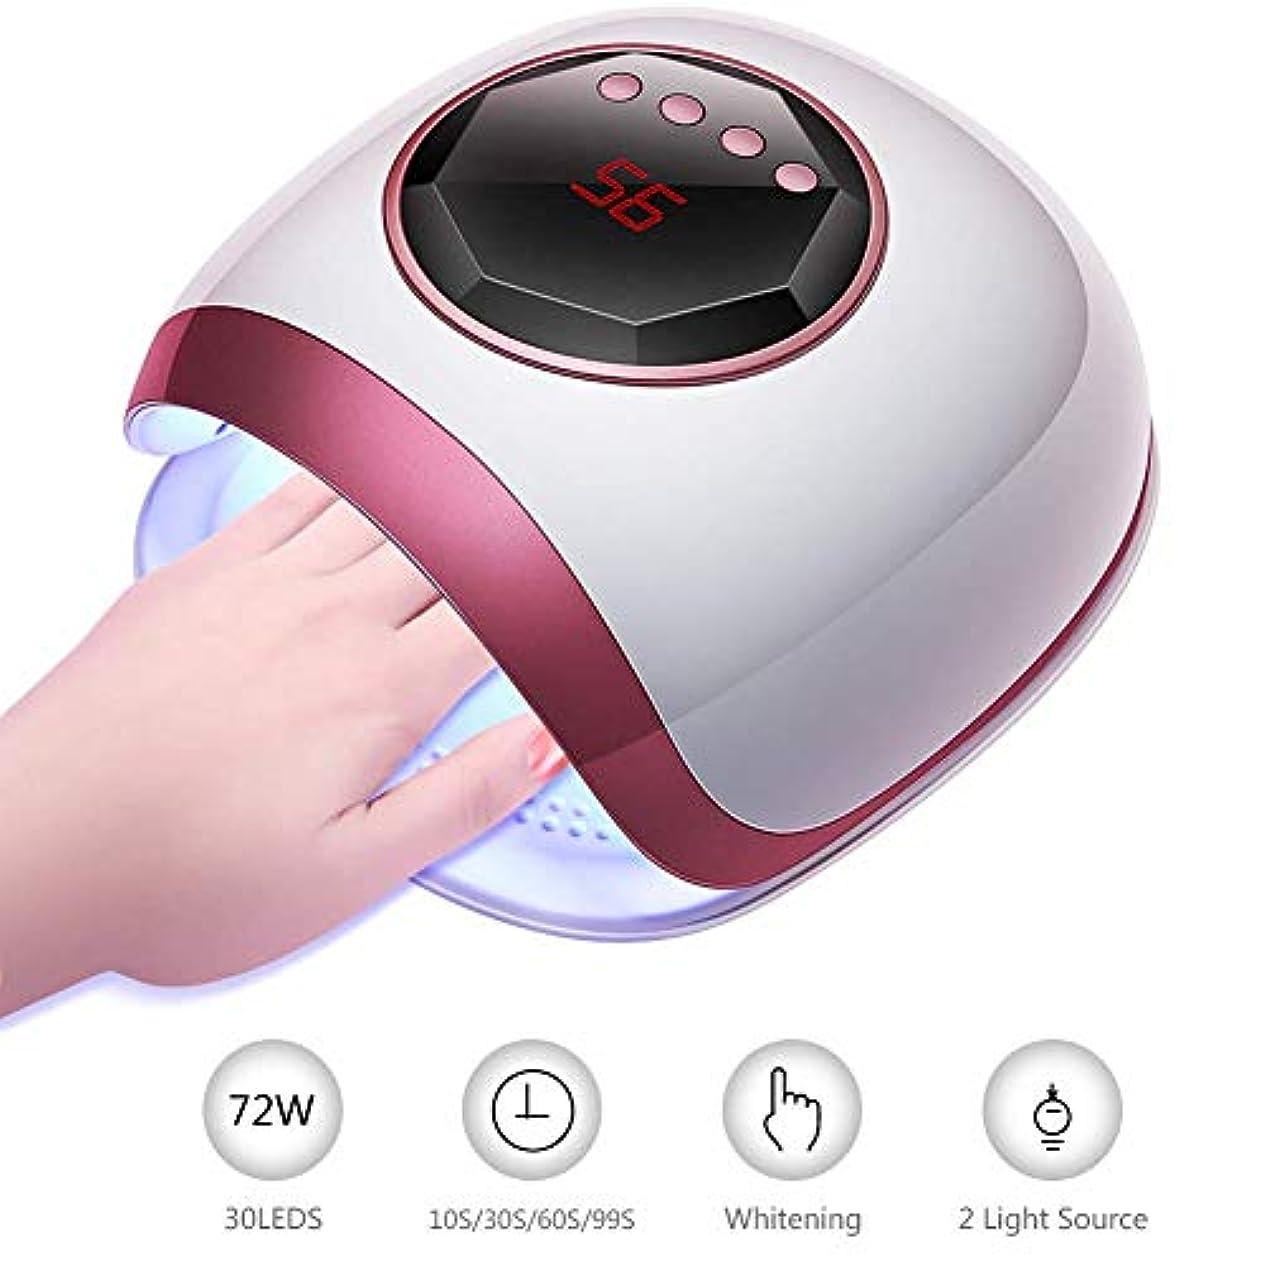 フェードリズムにはまってジェルポリッシュ用72W UV 30 LEDネイルランプ、4タイマー設定センサー付きネイルドライヤー、デュアル光源、ホワイトニング機能ネイルランプドライヤー(爪&足指用)